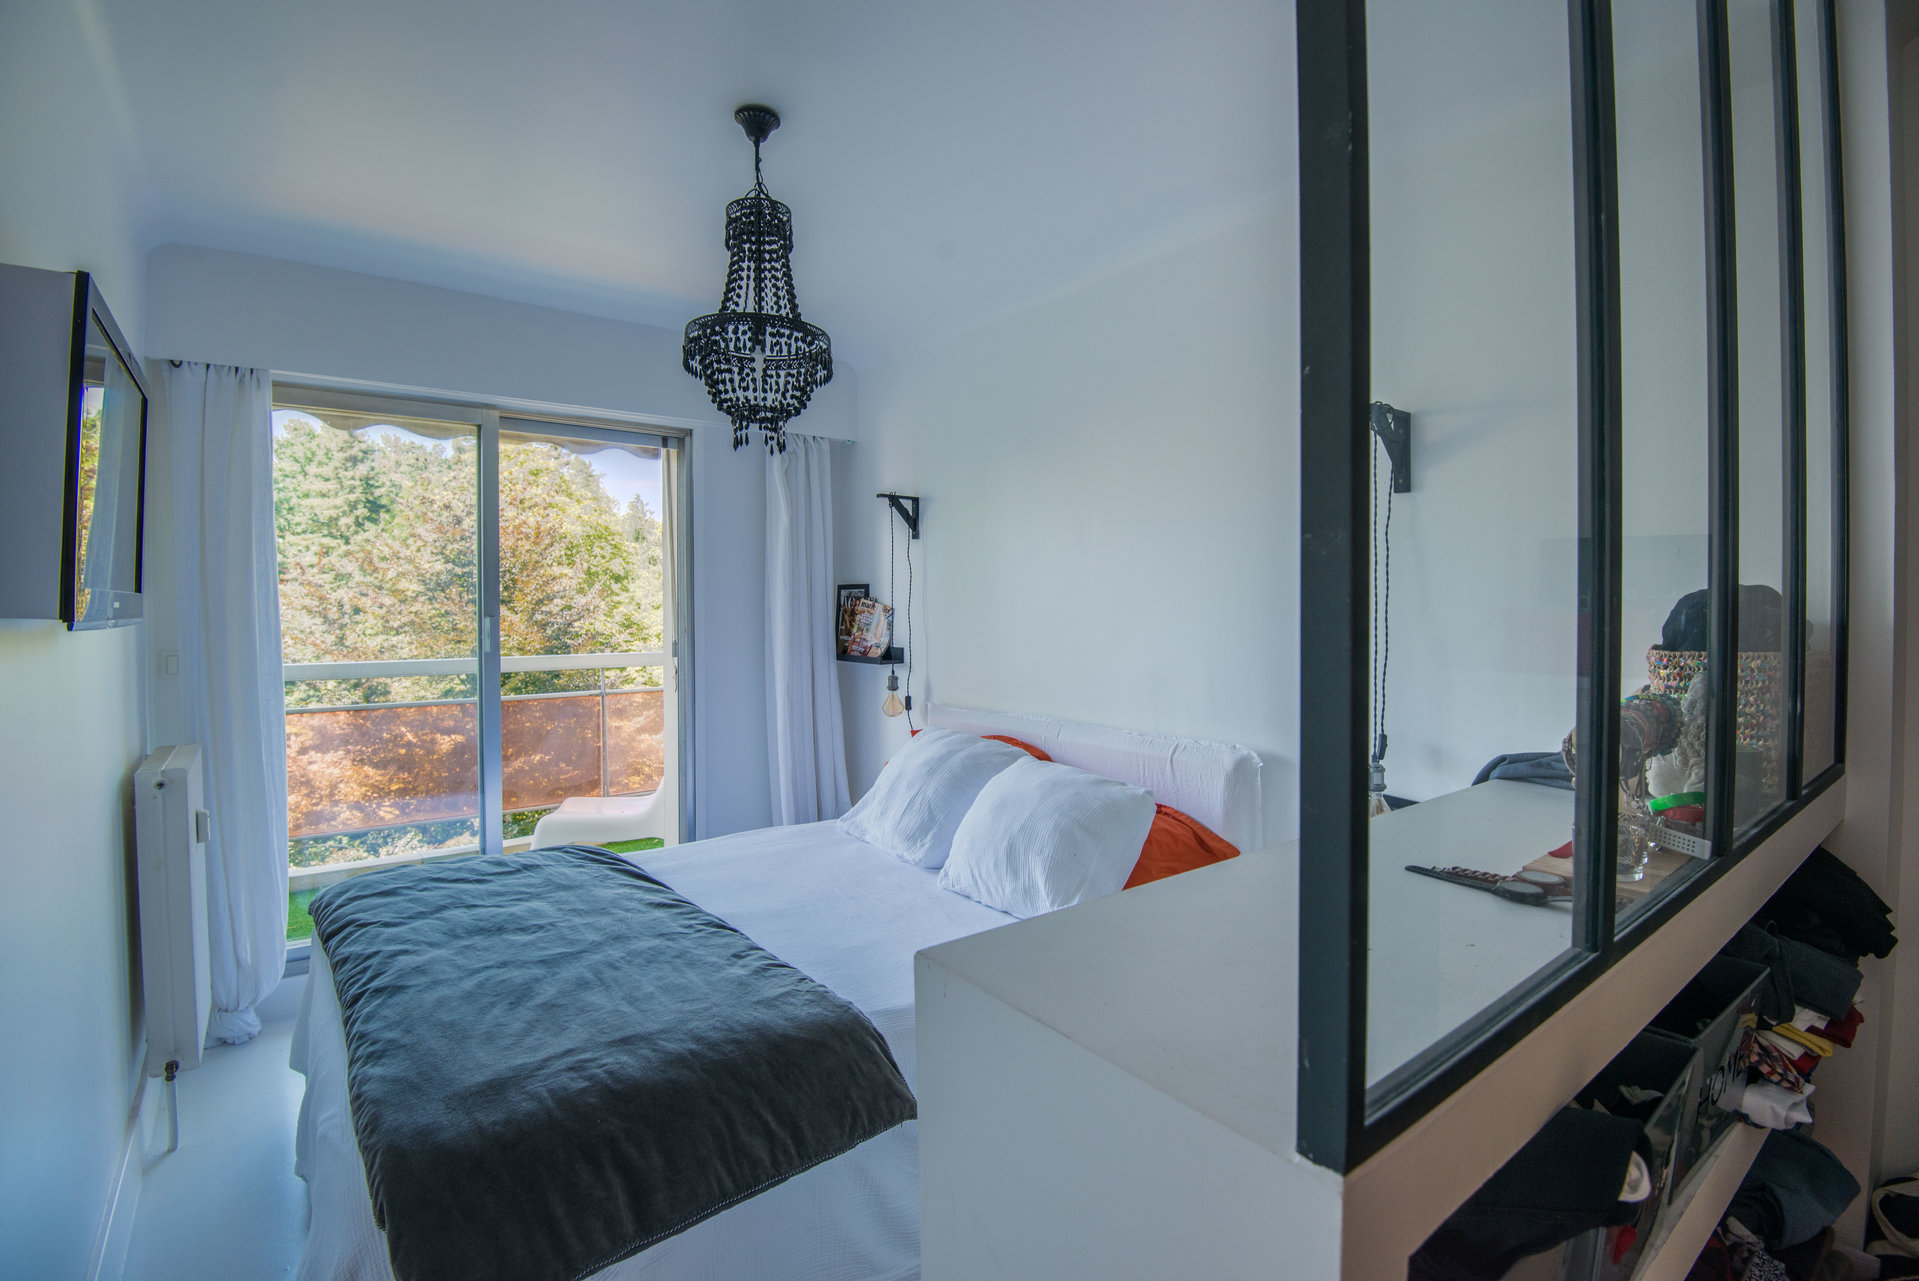 NANTES - RARE! CANCLAUX Appartement 125m2 - 3 chambres - avec terrasse de 83m2